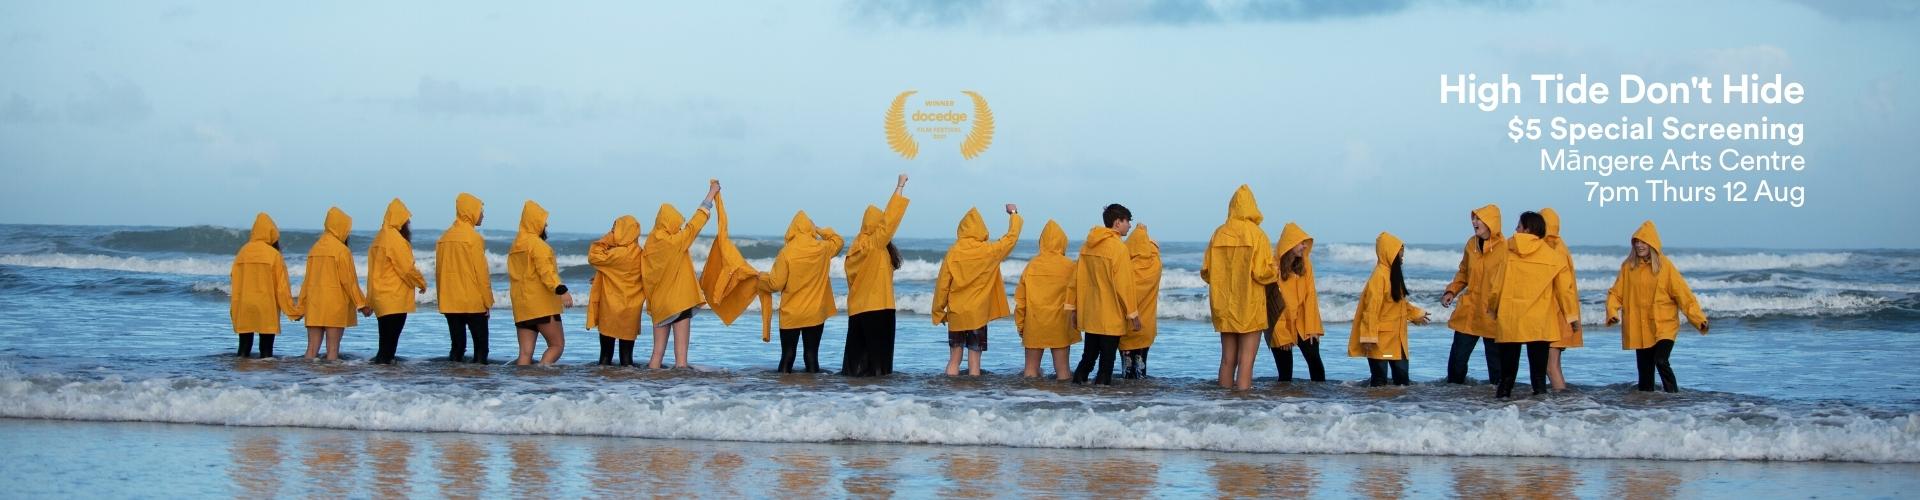 <em>High Tide Don't Hide</em> Special Screening at Māngere Arts Centre